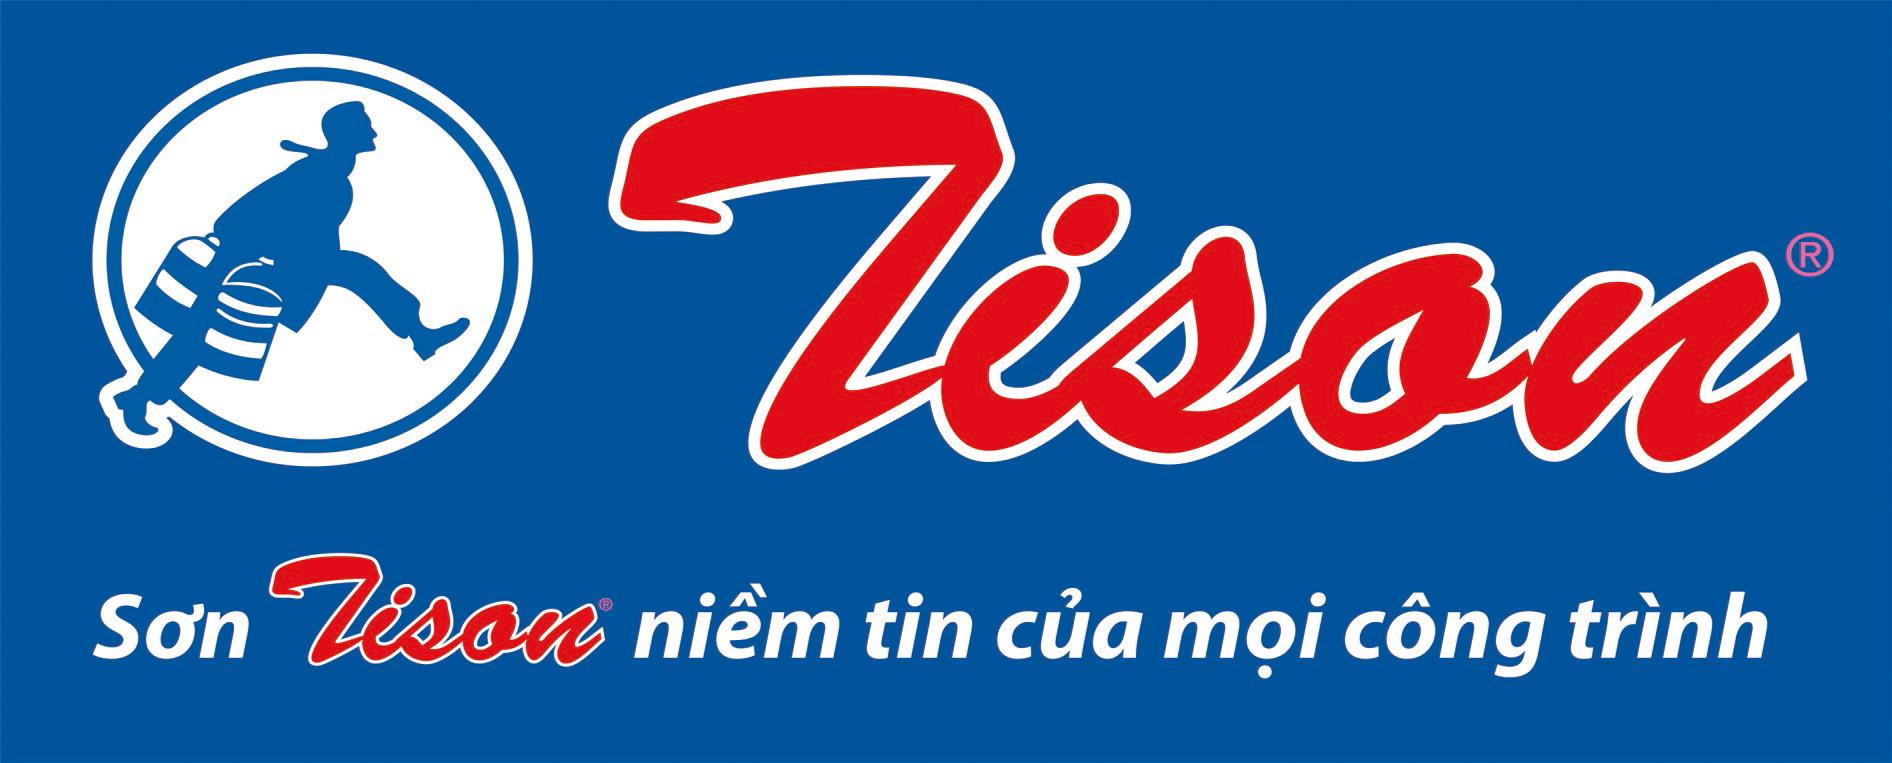 Logo Công ty TNHH Sơn Tison